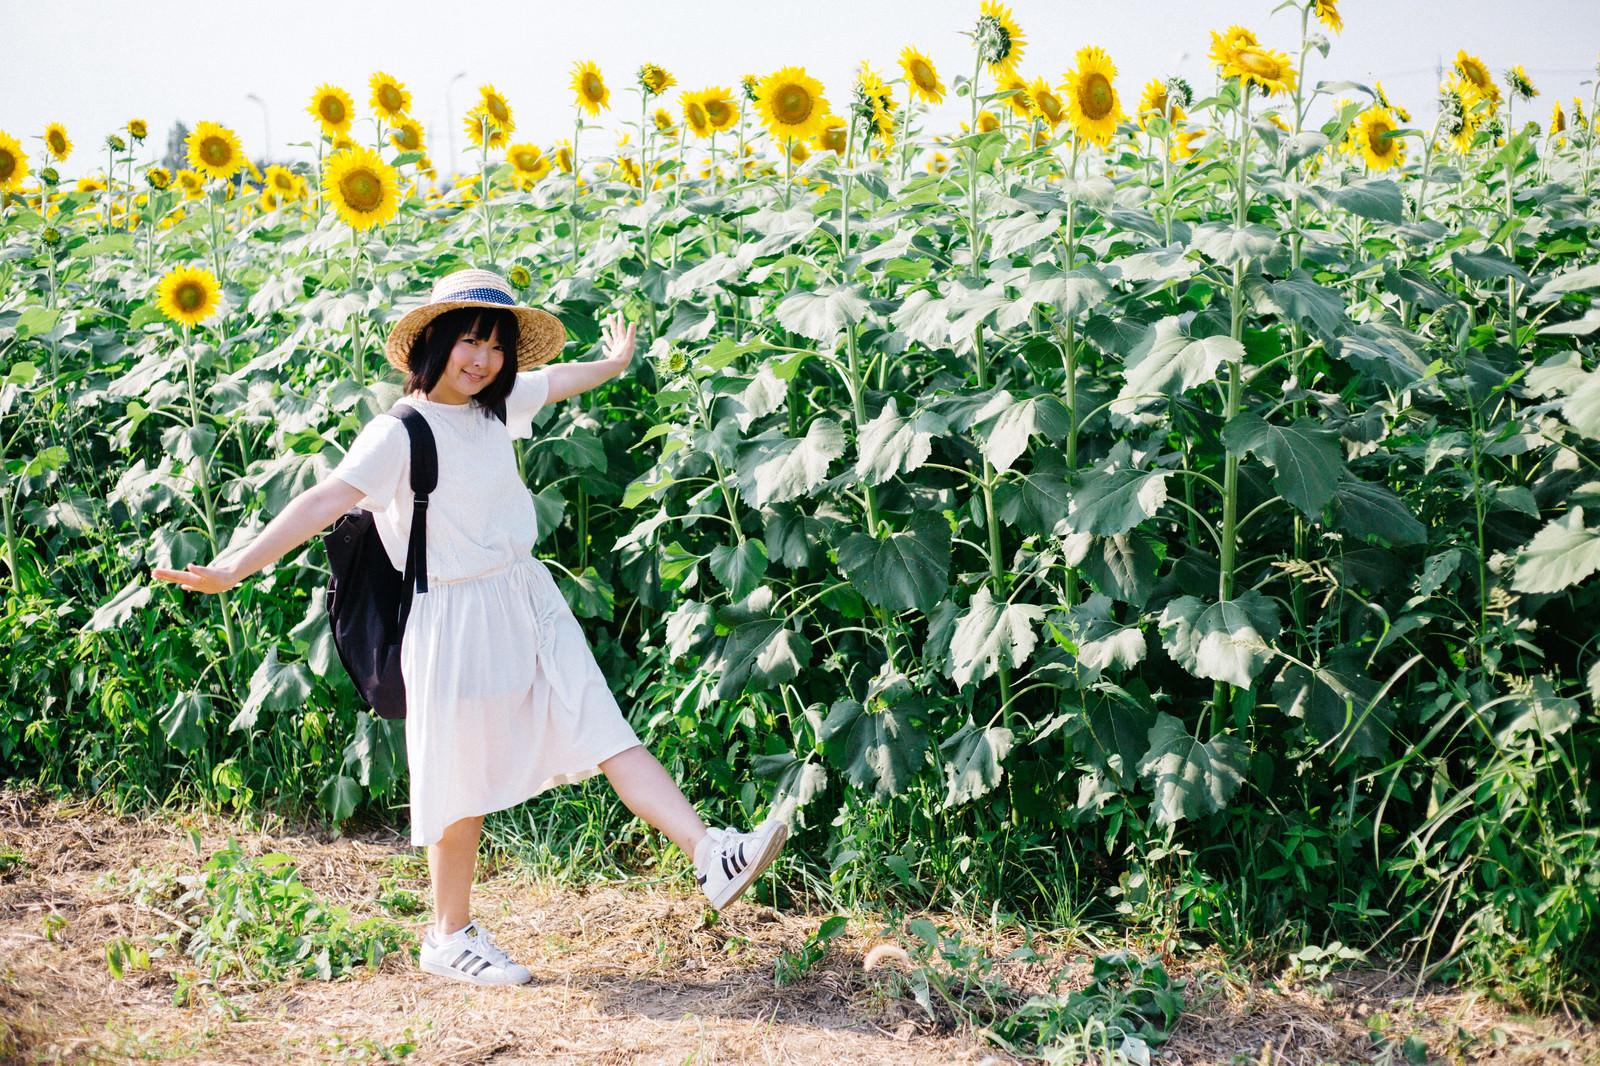 「ひまわり畑ではしゃぐ彼女」の写真[モデル:にゃるる]